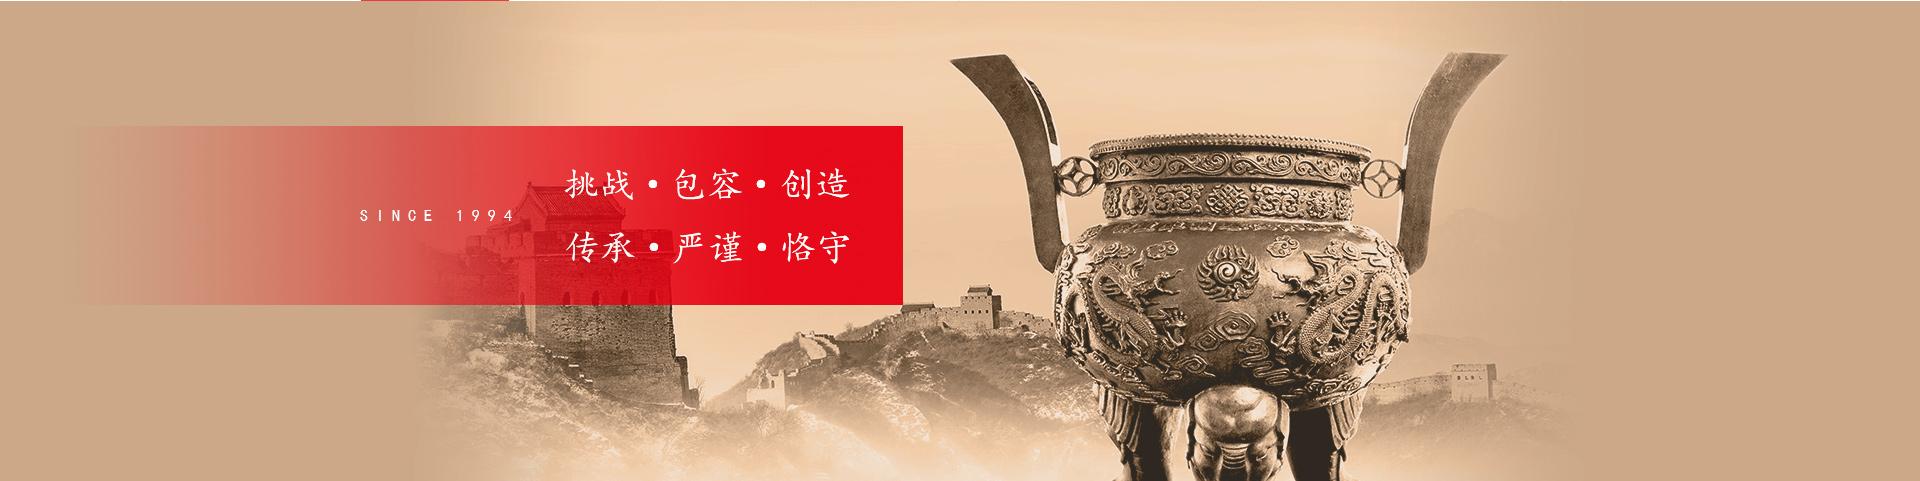 京师(昆明)律师事务所-提供专业法律服务